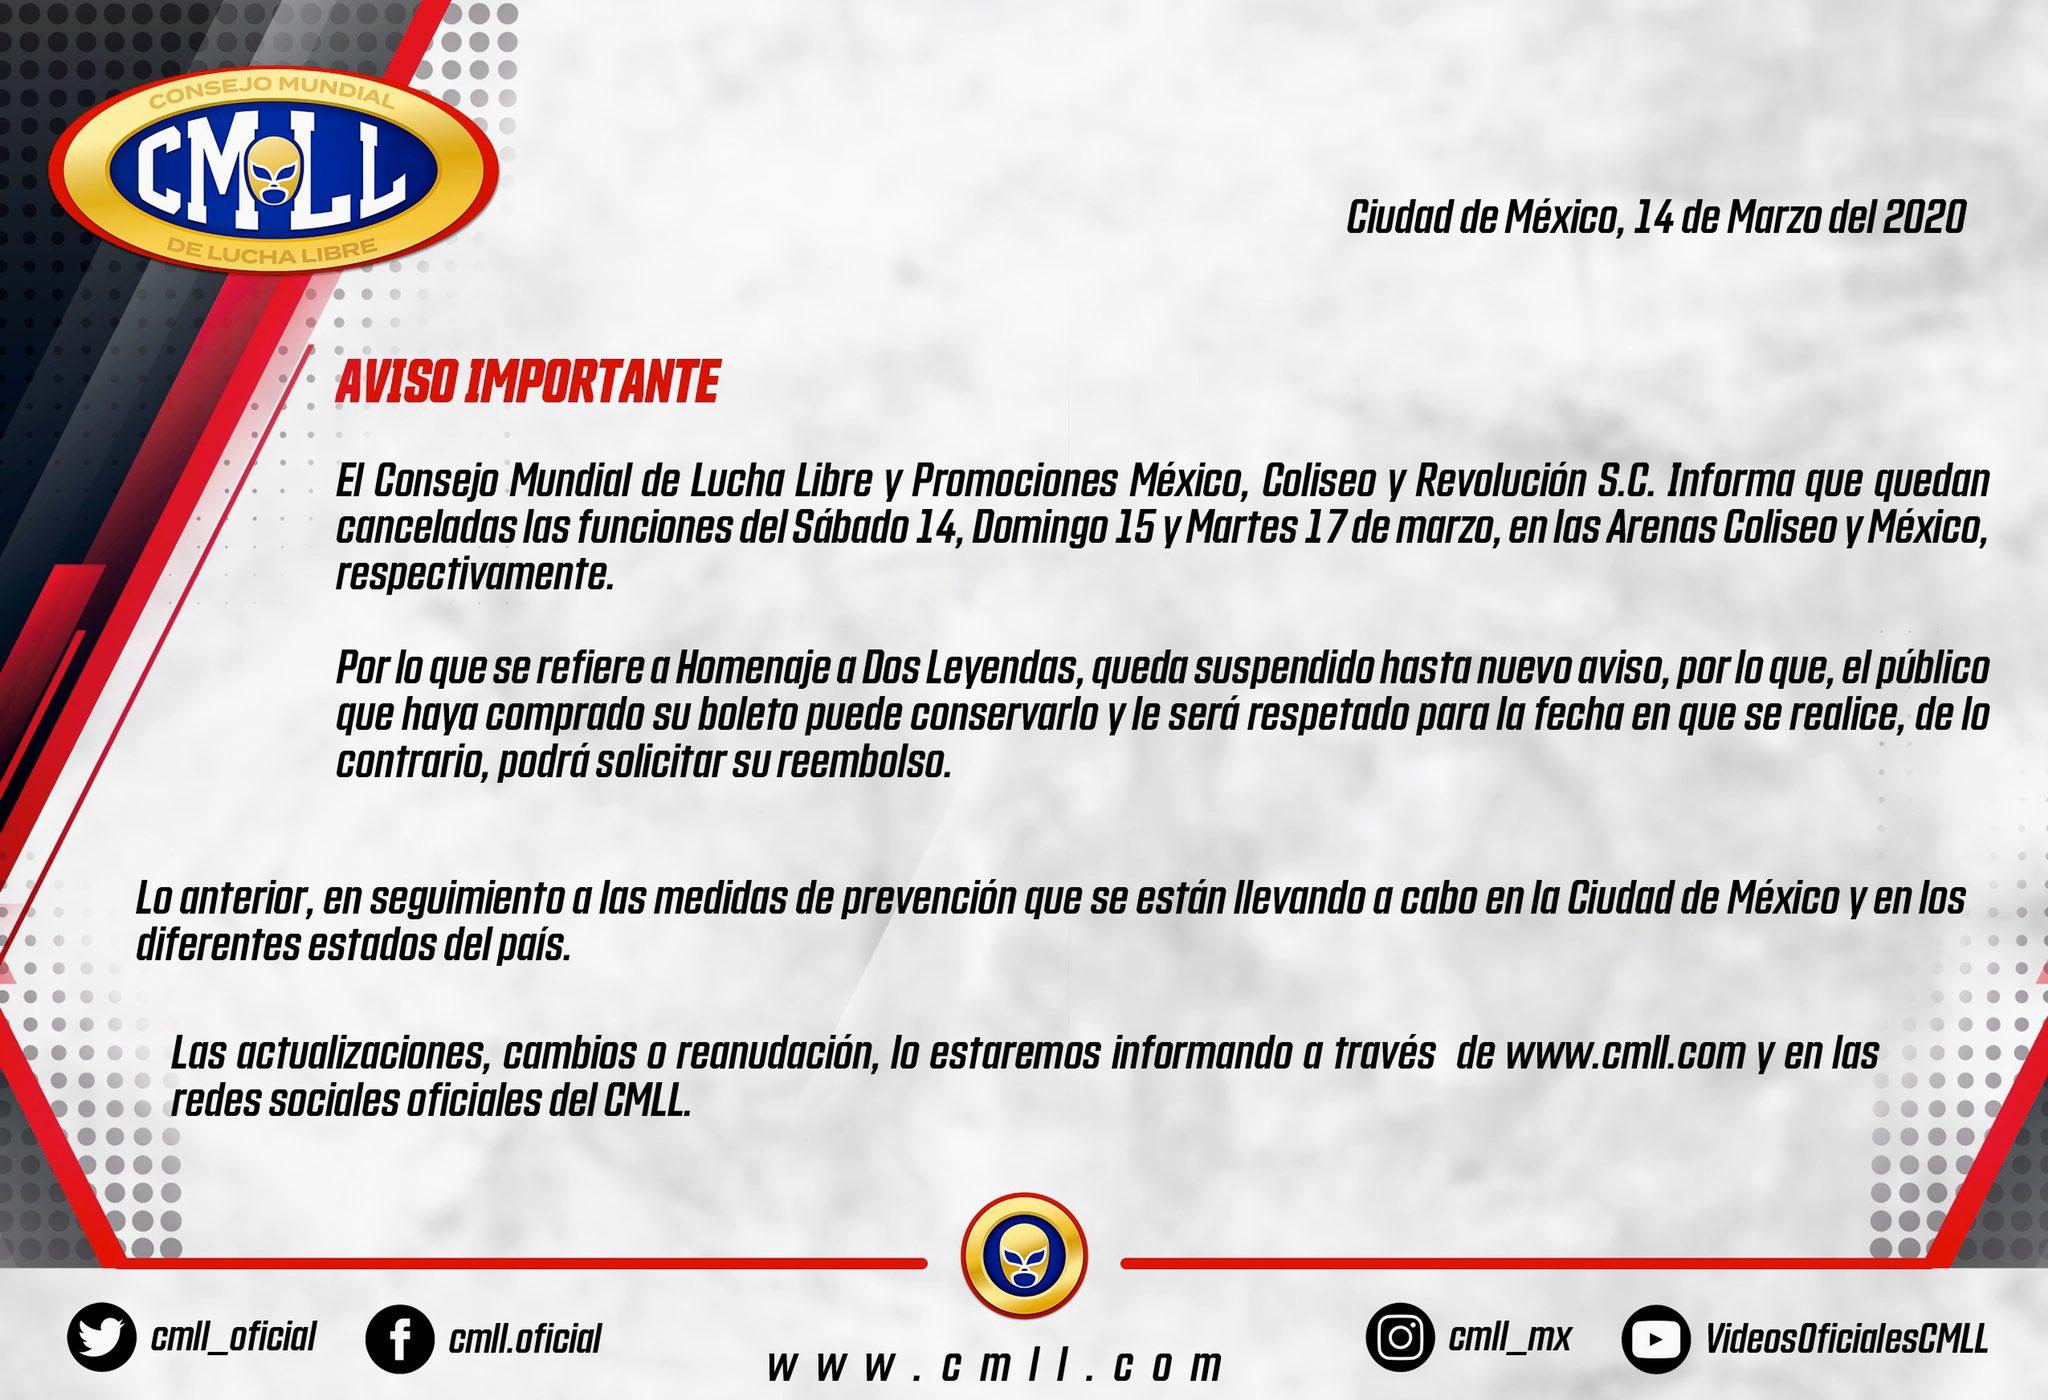 """CMLL: """"Homenaje a Dos Leyendas 2020"""" suspendido hasta nuevo aviso 3"""